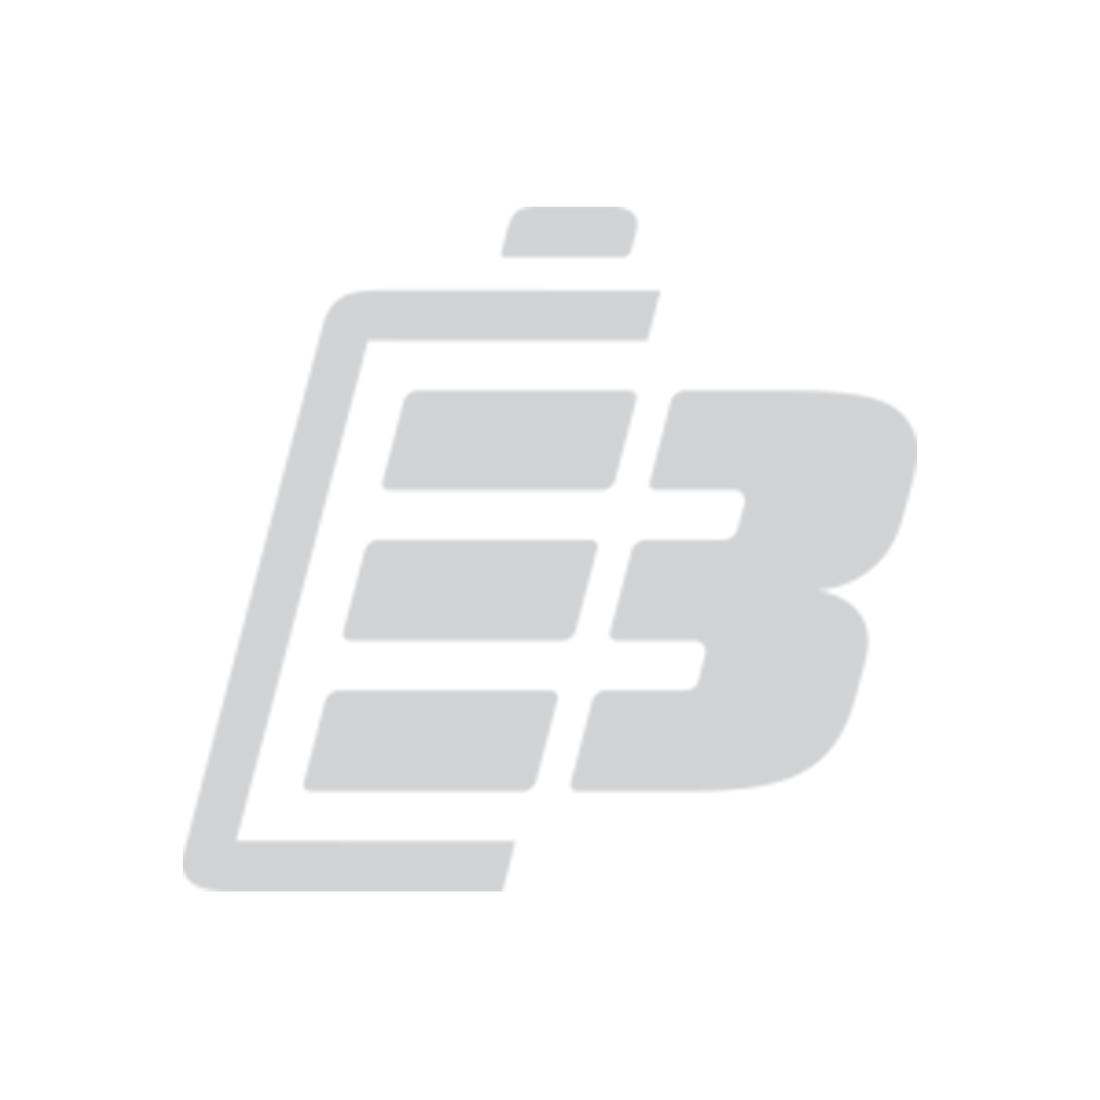 Μπαταρία βιντεοκάμερας Hitachi VM-NP500_2